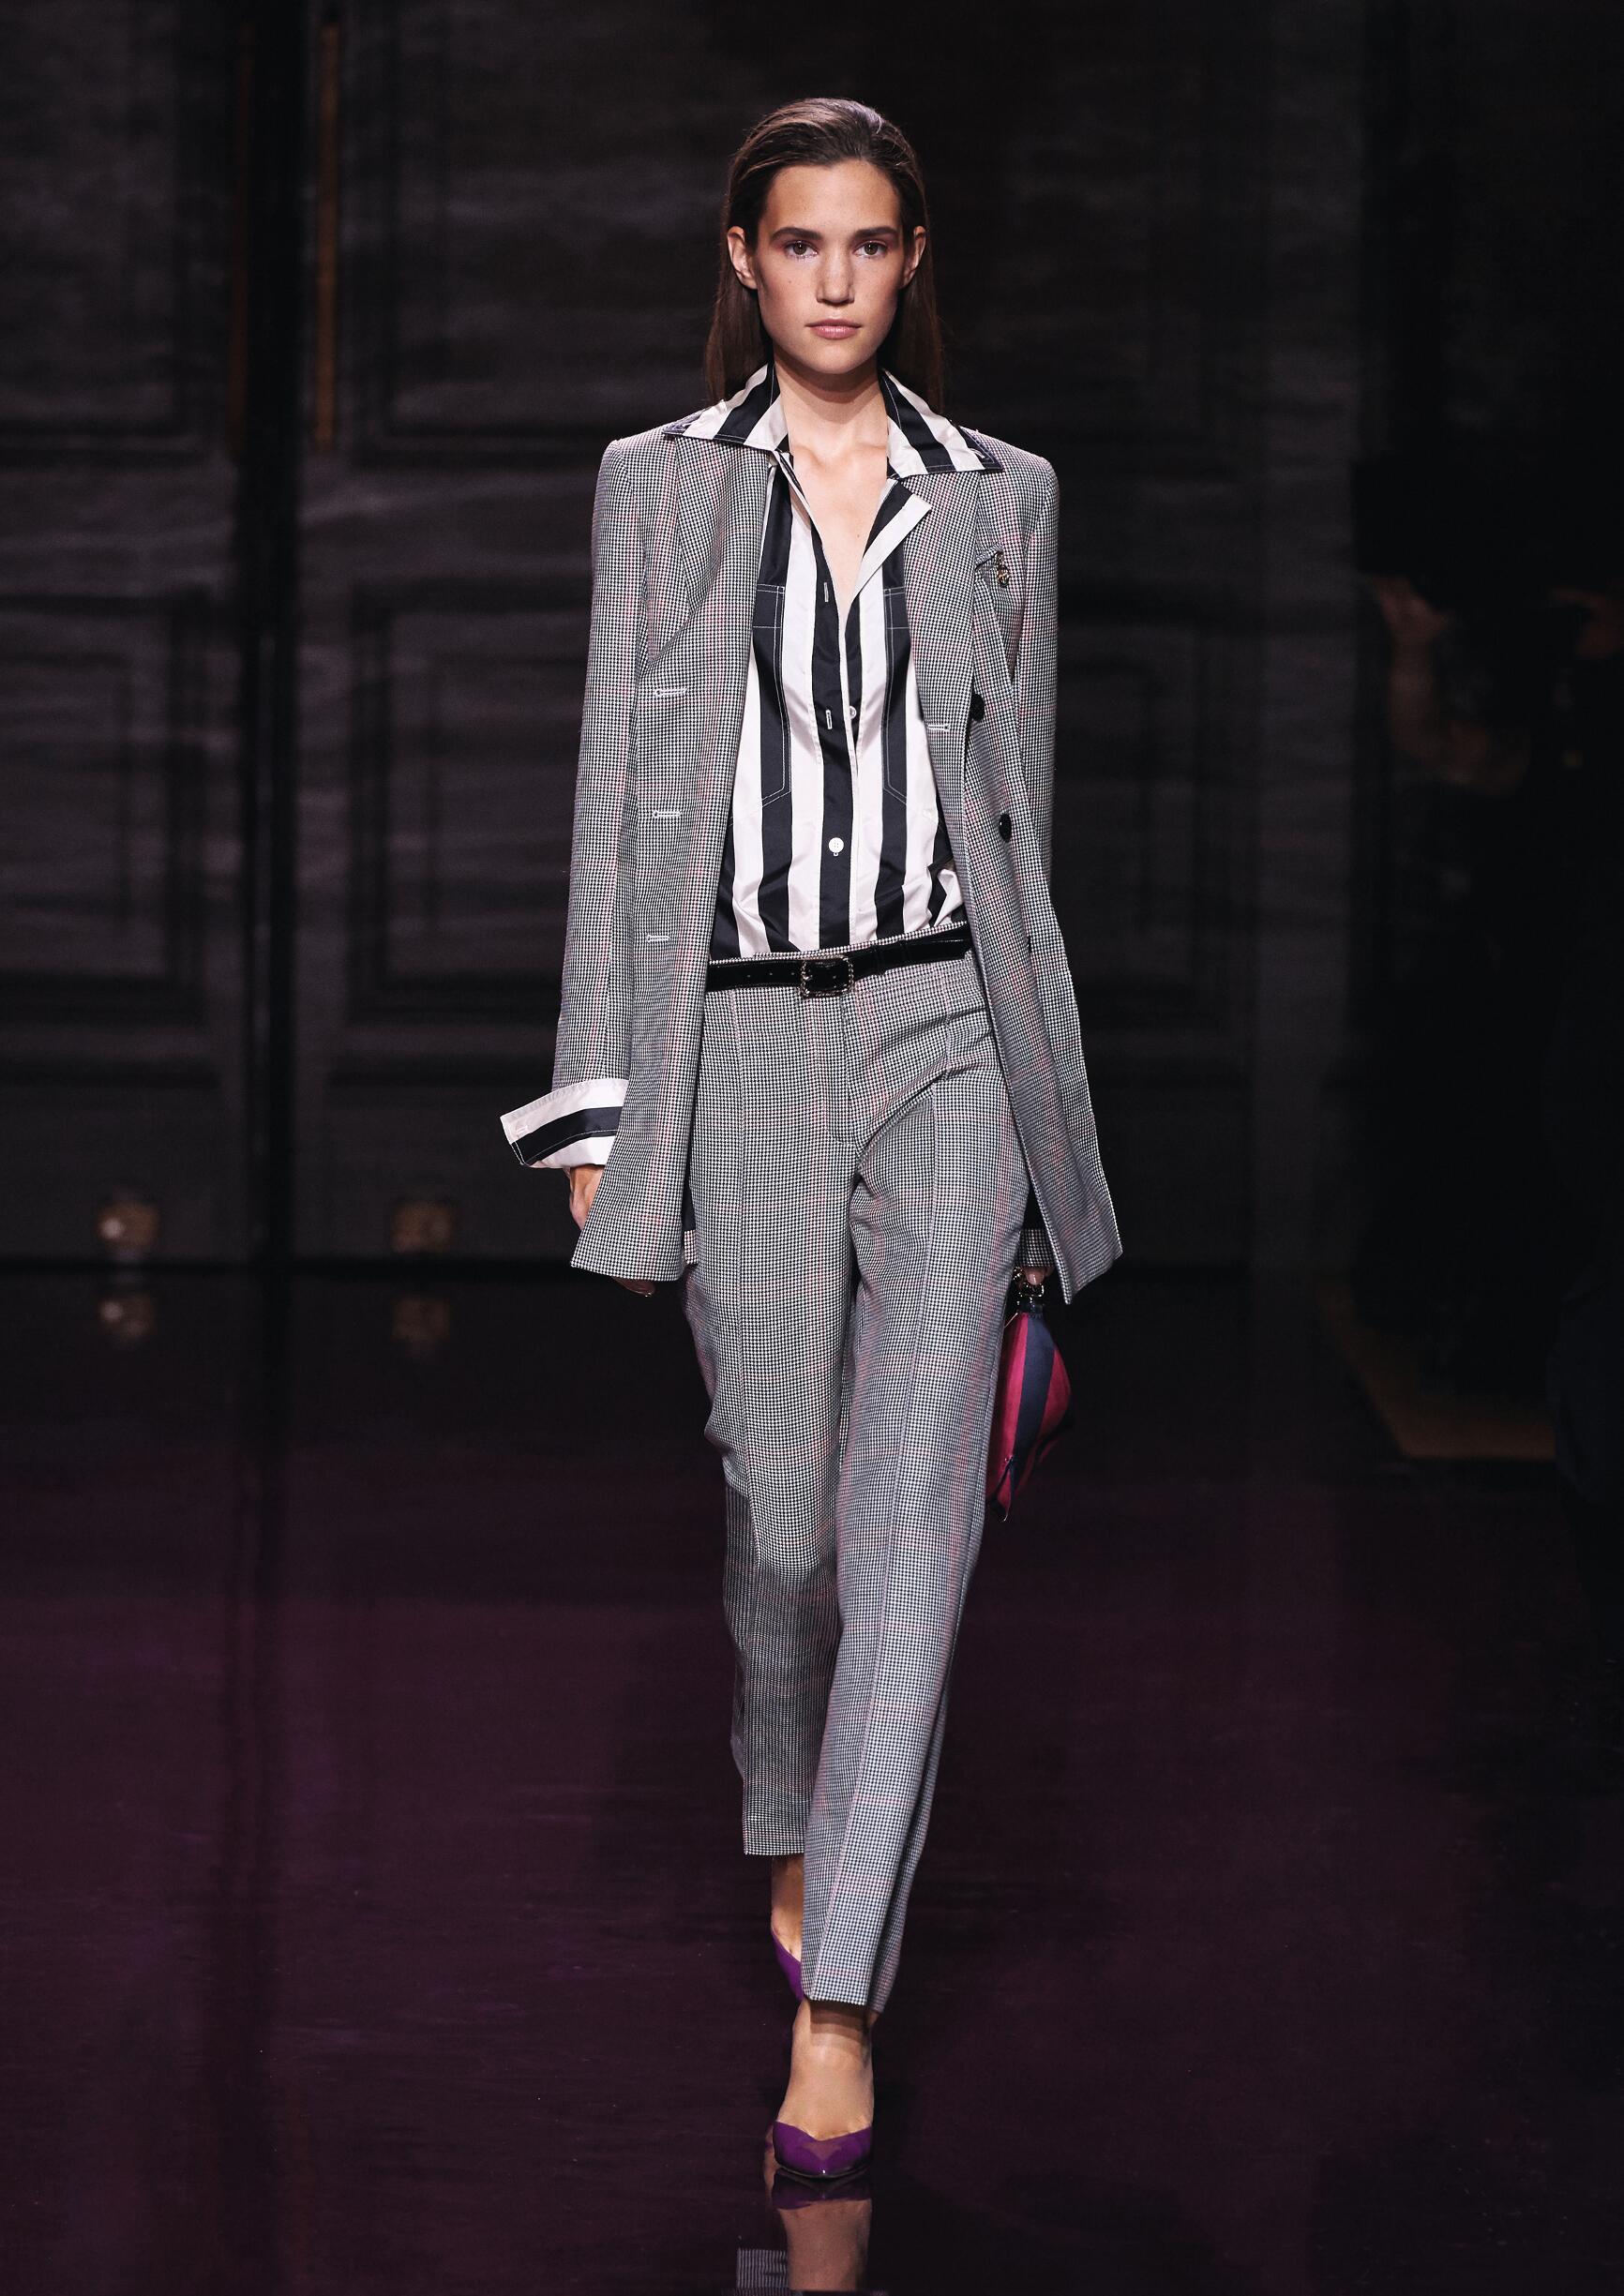 Nina Ricci SS 2017 Womenswear